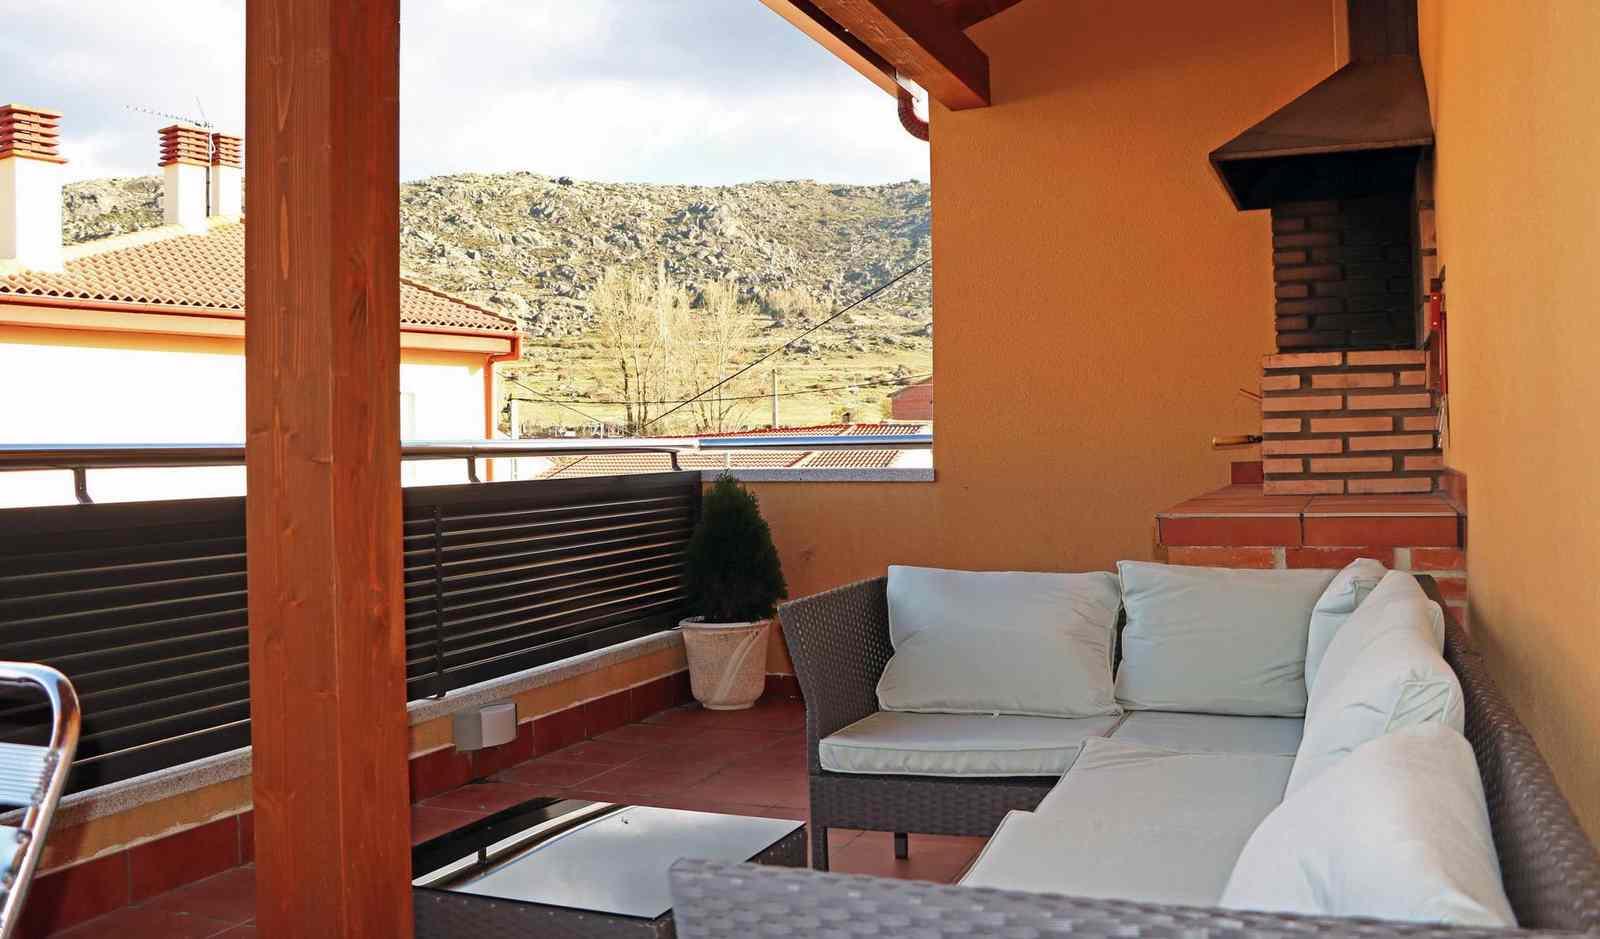 Alquiler vacaciones en Robledillo, Ávila